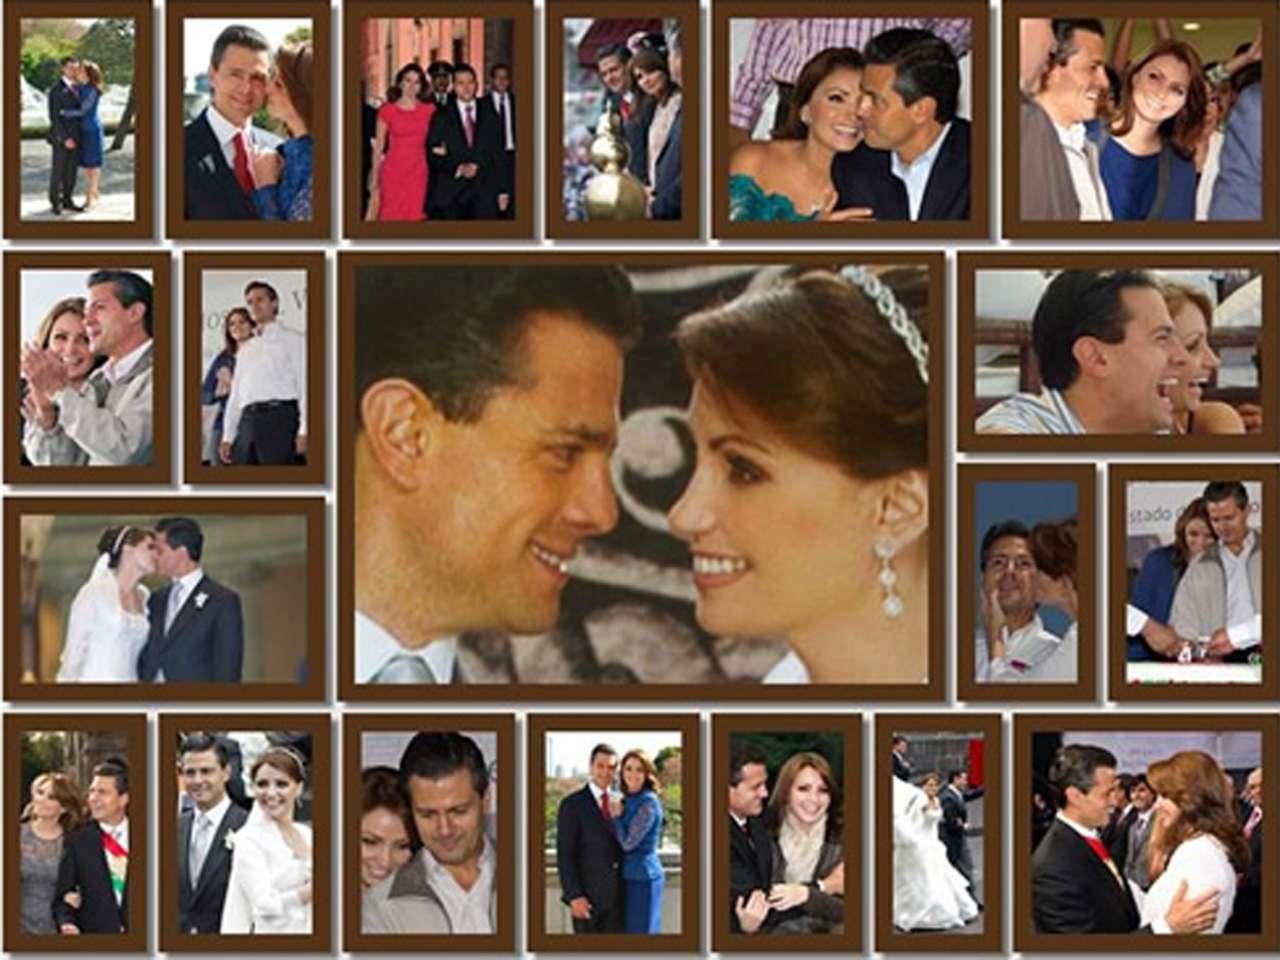 Escándalos a 4 años de la boda de Peña y Angélica Rivera Foto: Facebook/Angélica Rivera